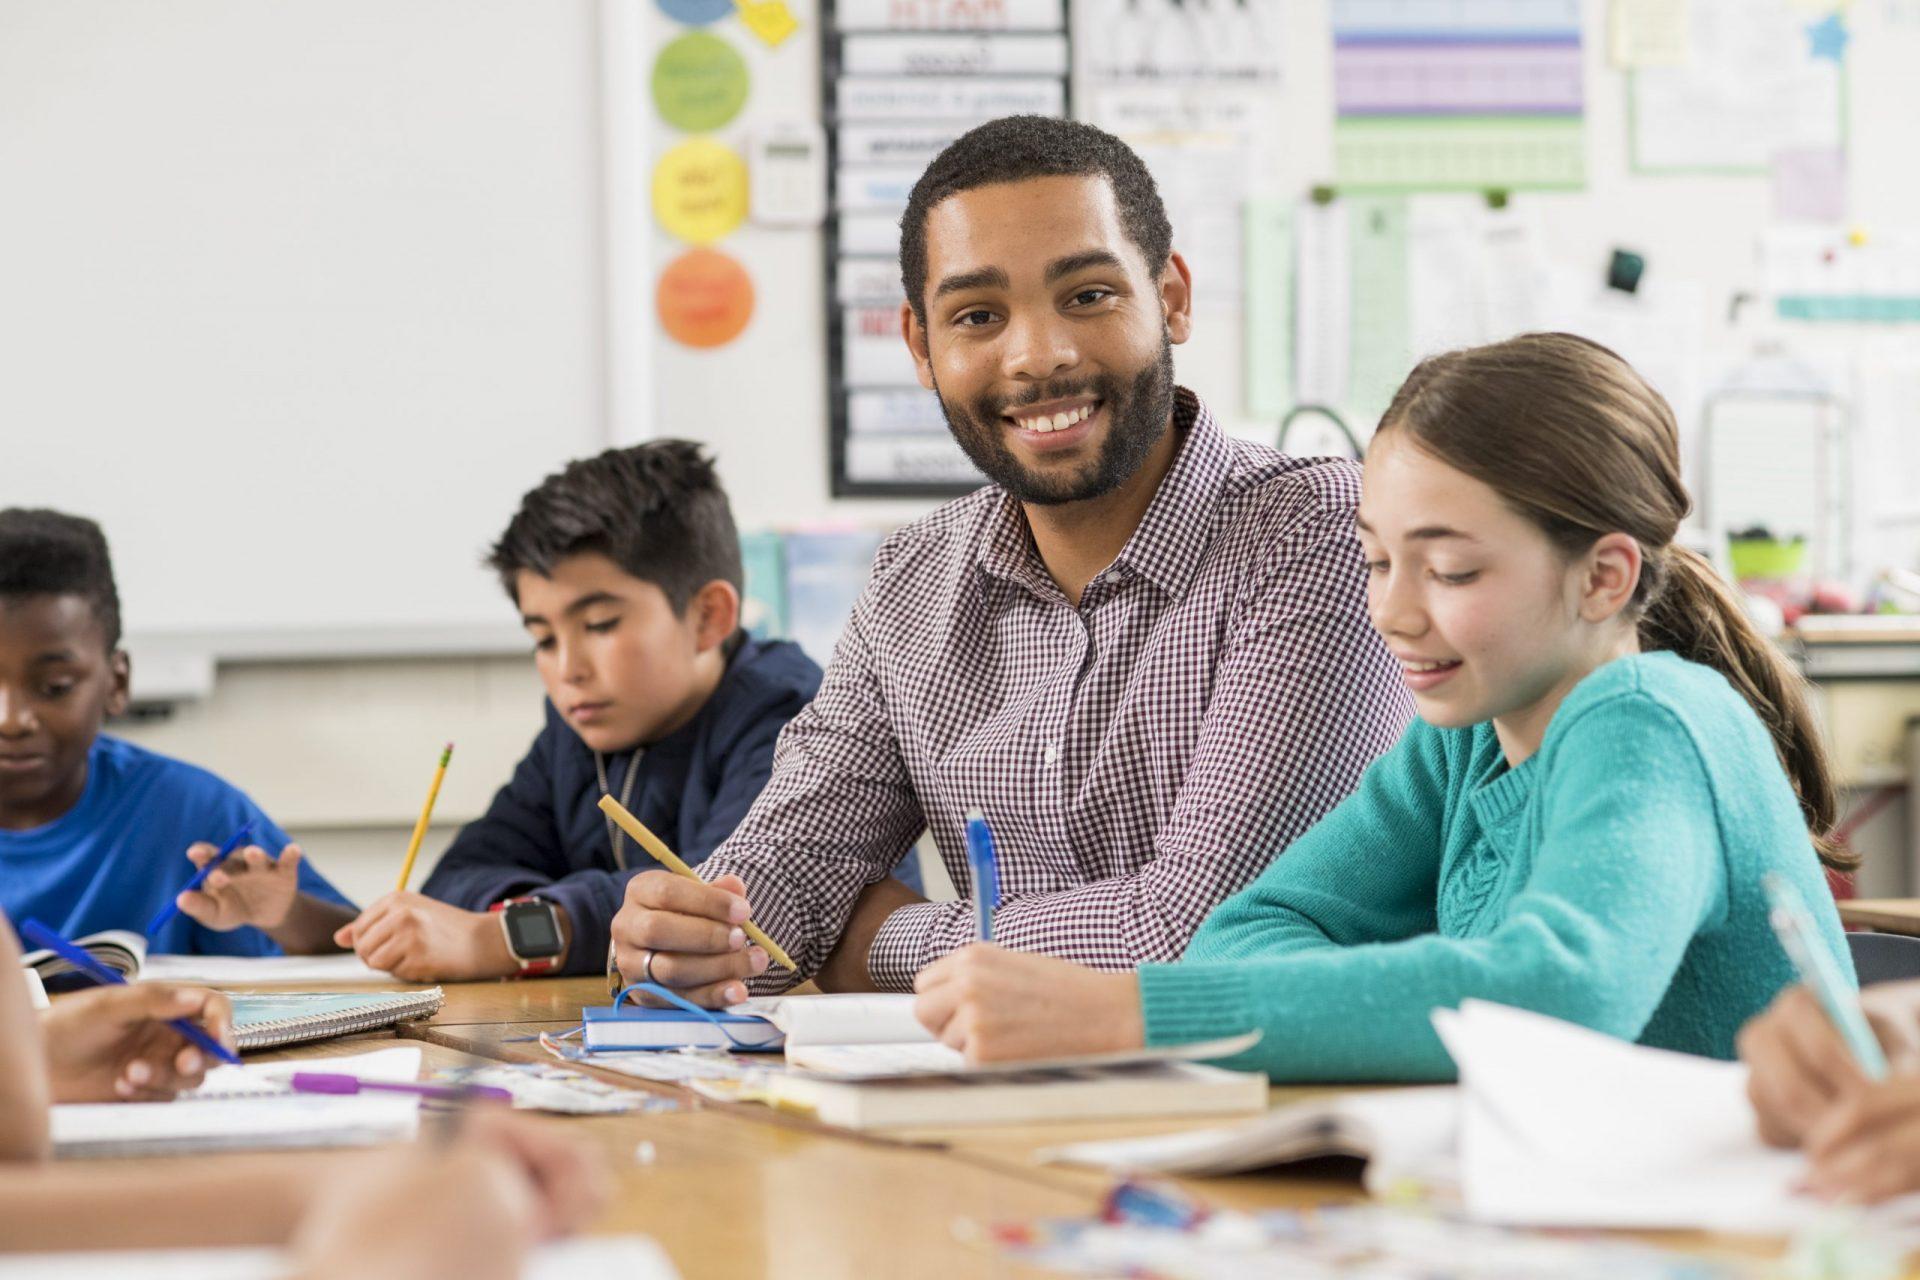 Phương pháp học tiếng Anh toàn diện Effortless English giúp học sinh tăng khả năng chủ động phản xạ tiếng Anh